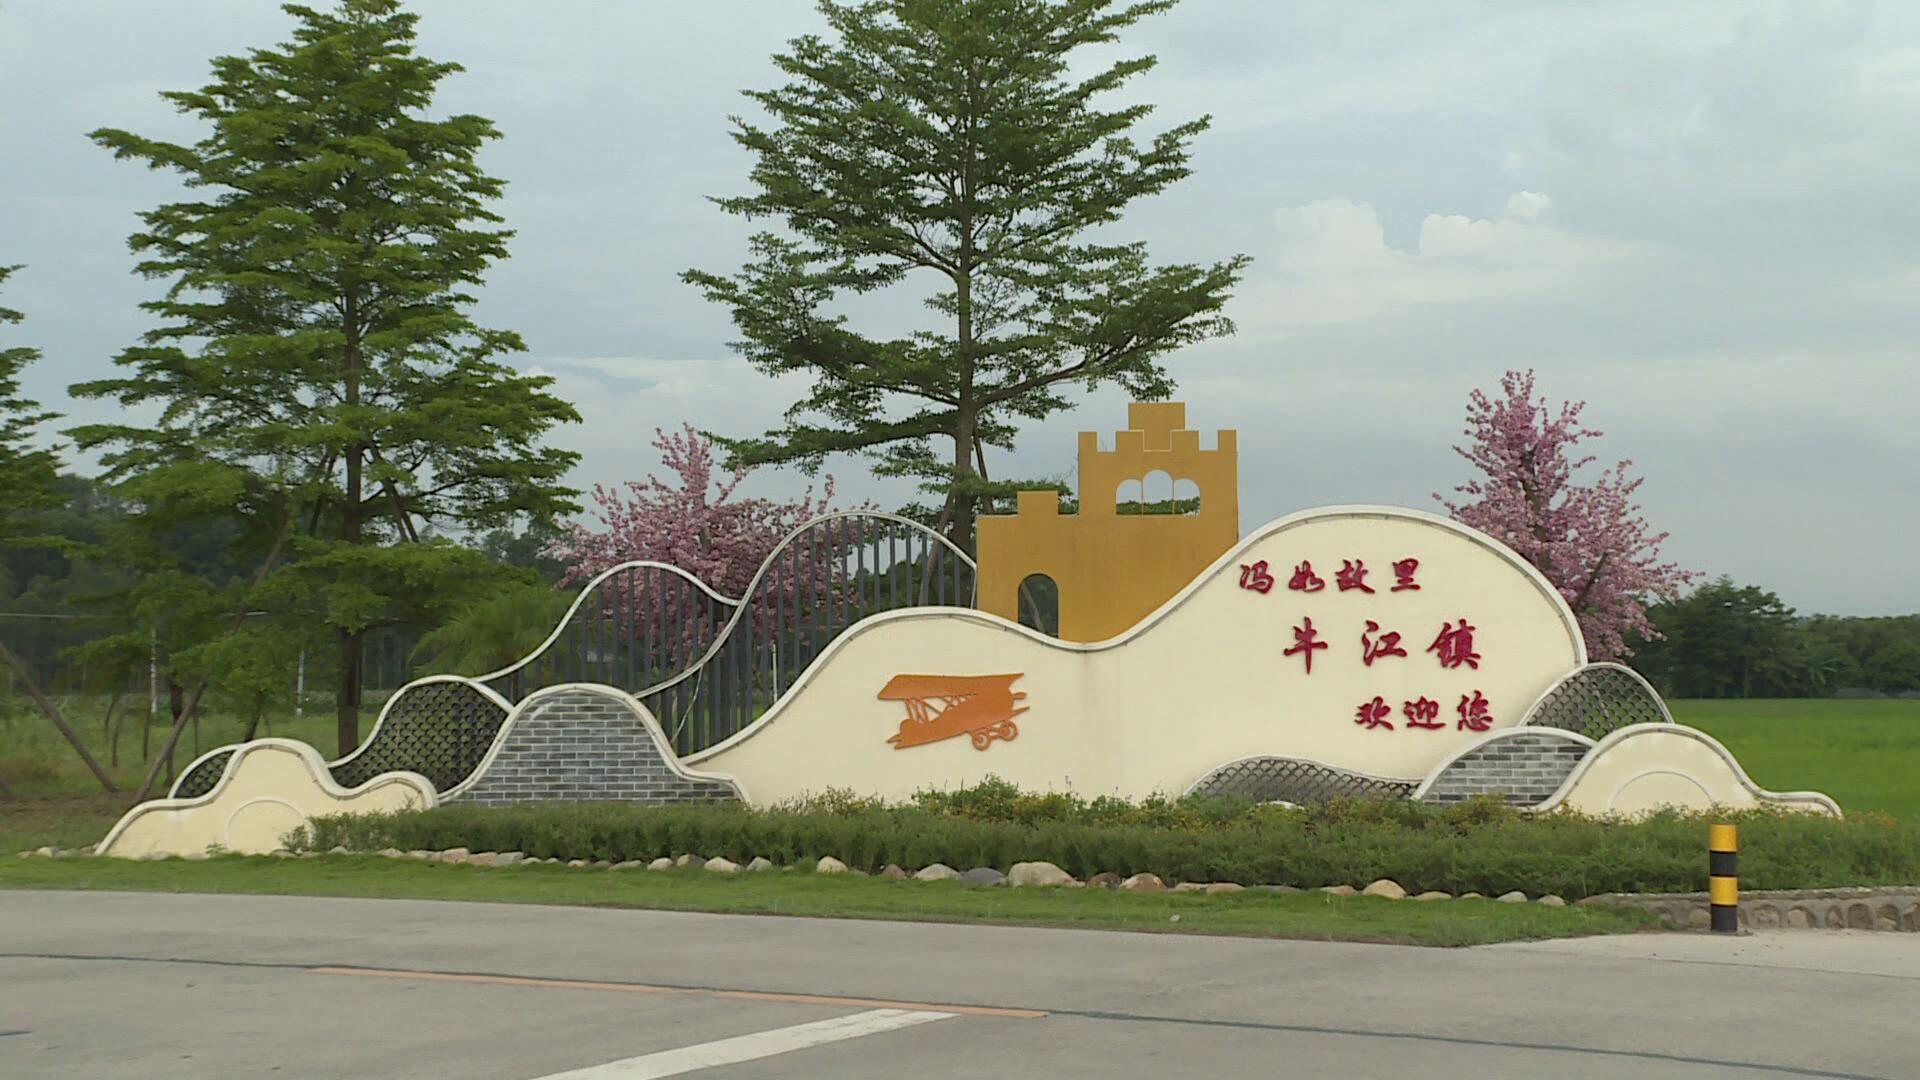 「社会治理」牛江镇:自创治理模式,打造幸福家园